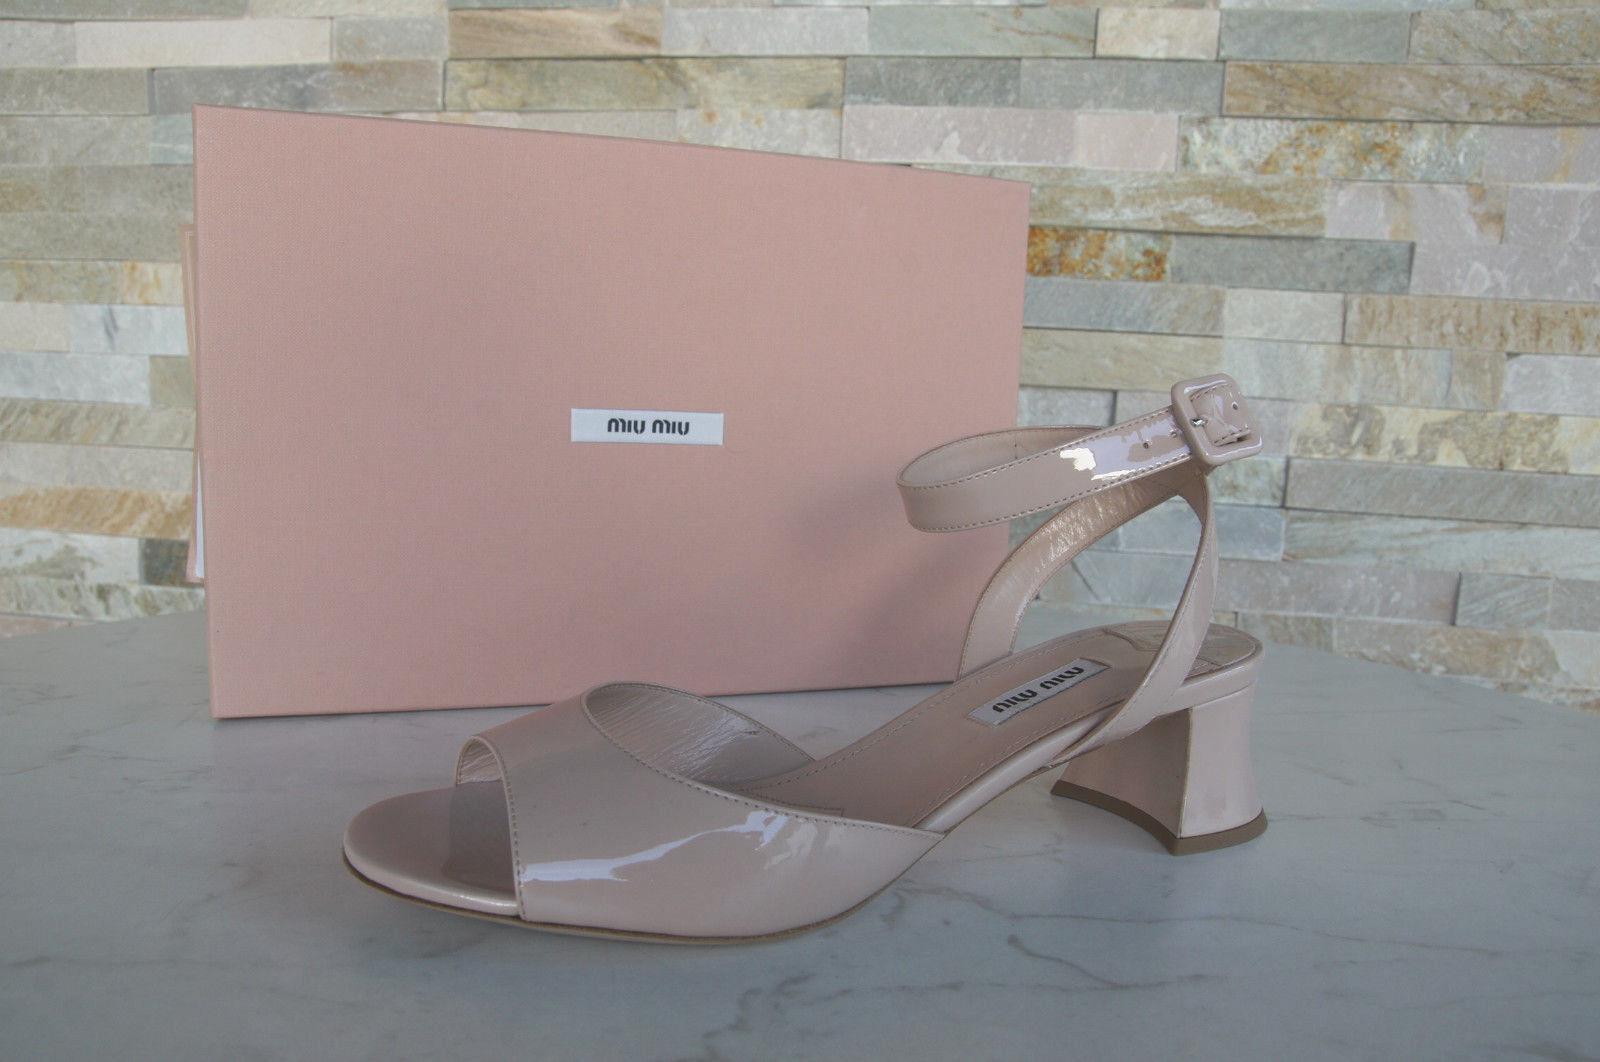 Miu Miu sandalias zapatos shoes de cabra charol nude nuevo PVP